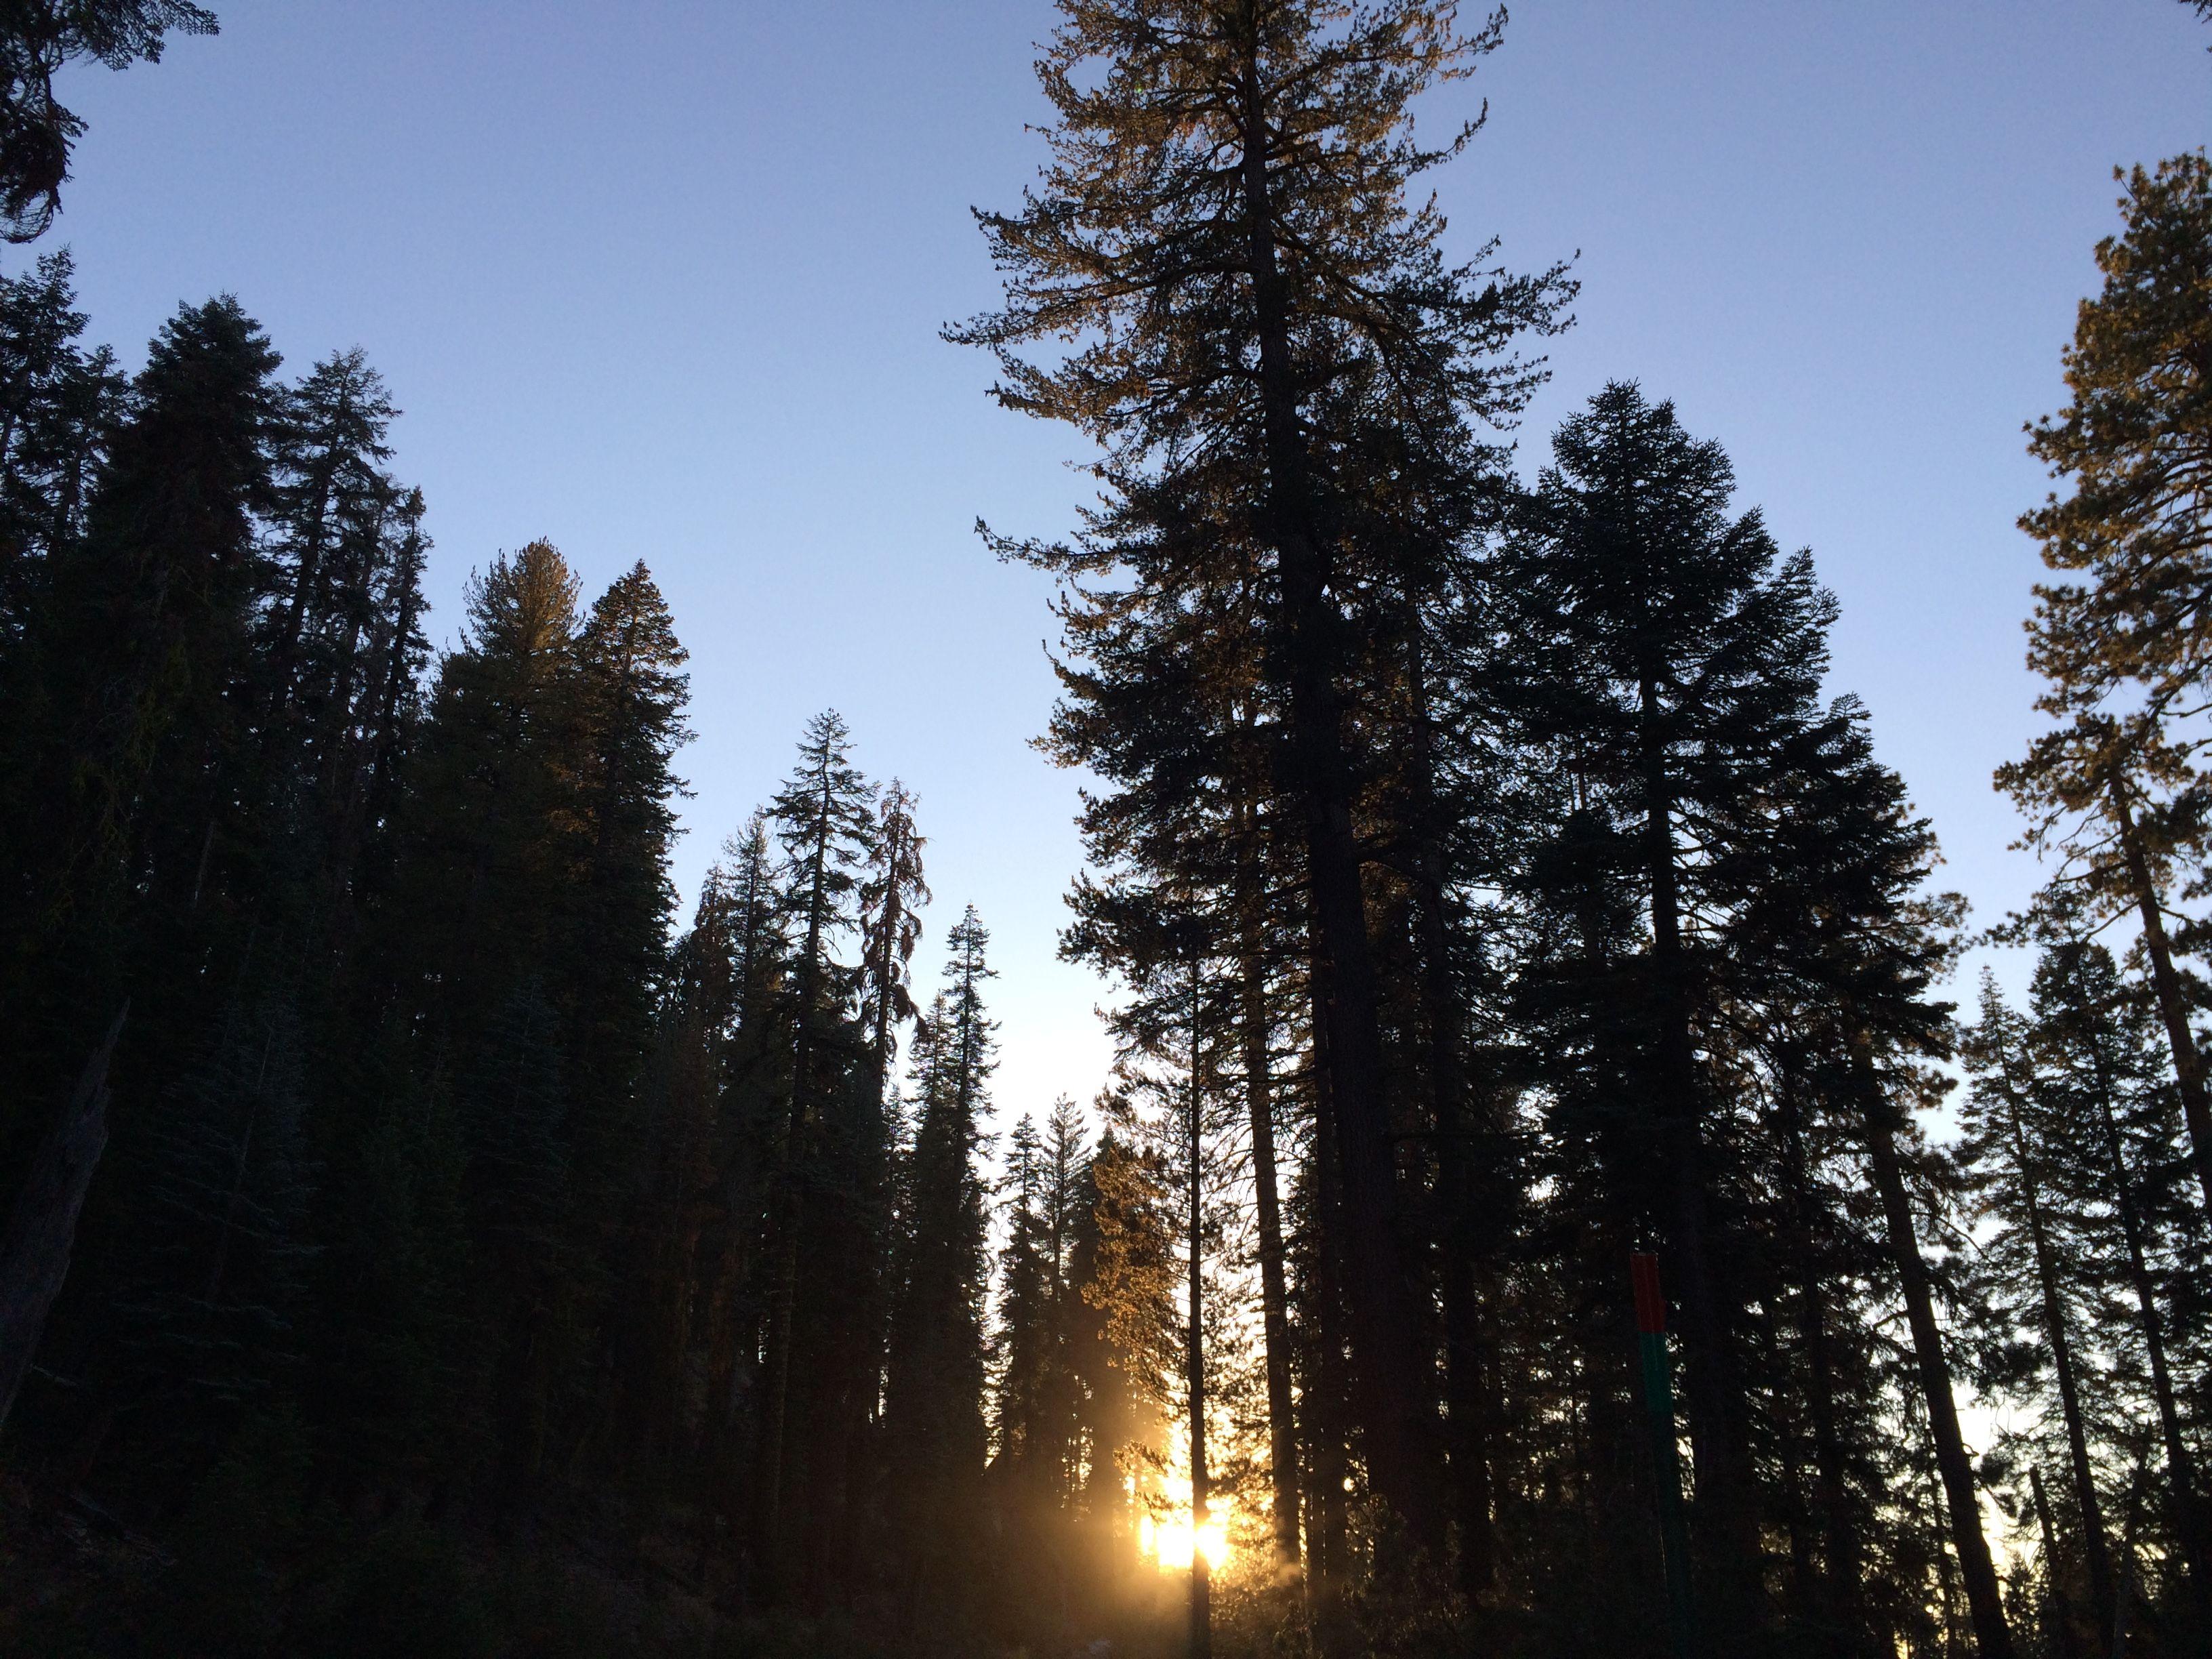 Sunset Splendor. Sierra National Forest near Wishon Reservoir, California